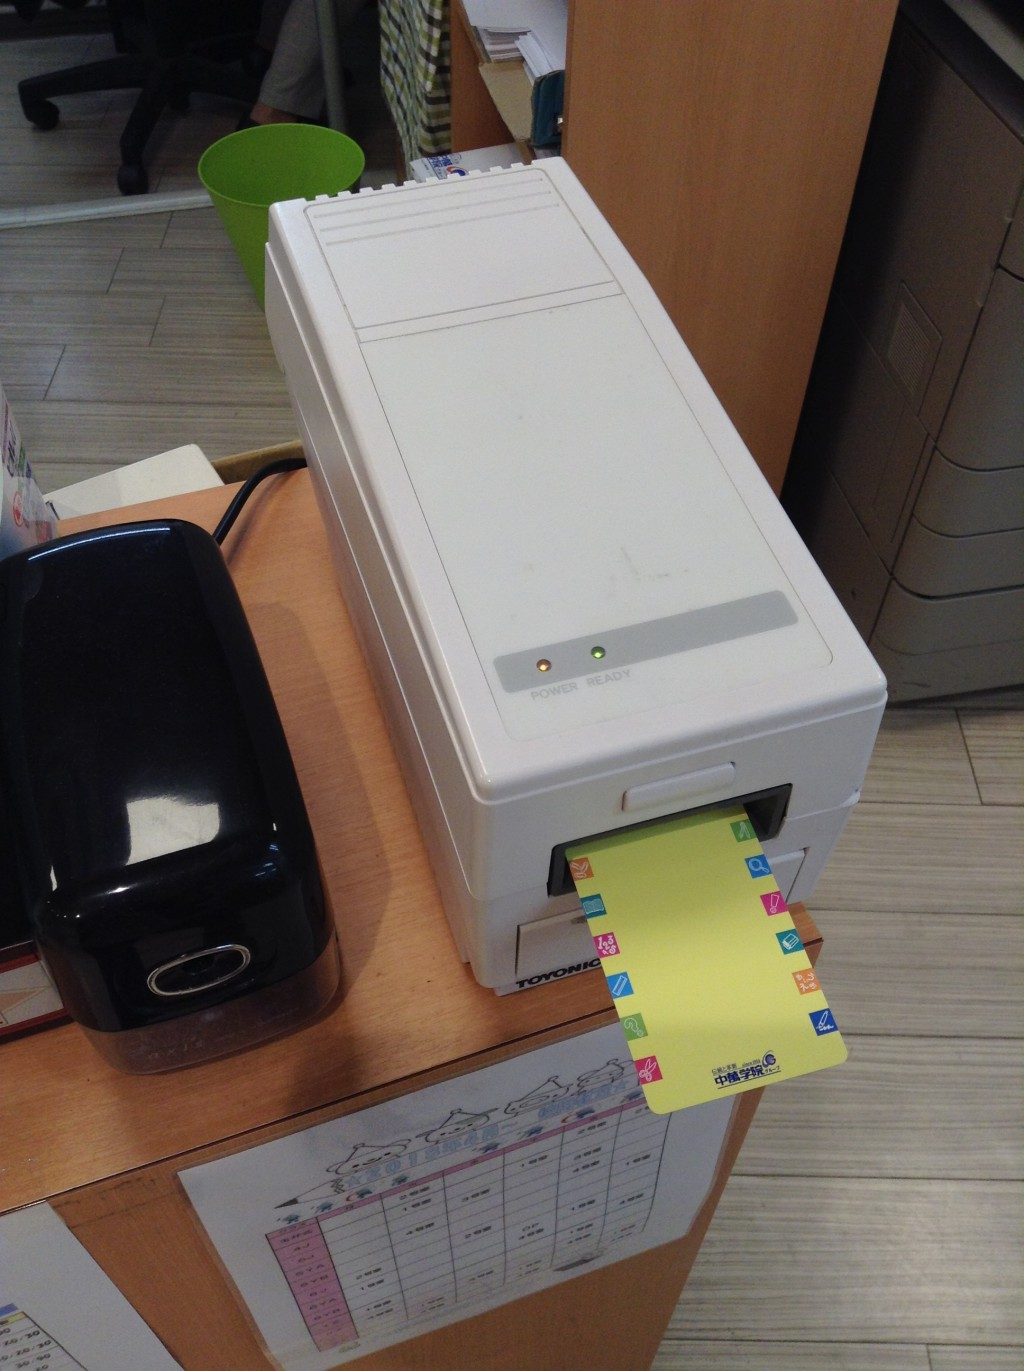 ポイントカードシステムです。アドレスと登録すると保護者にメールが届きます。生徒はポイントを貯める事もできますよ!